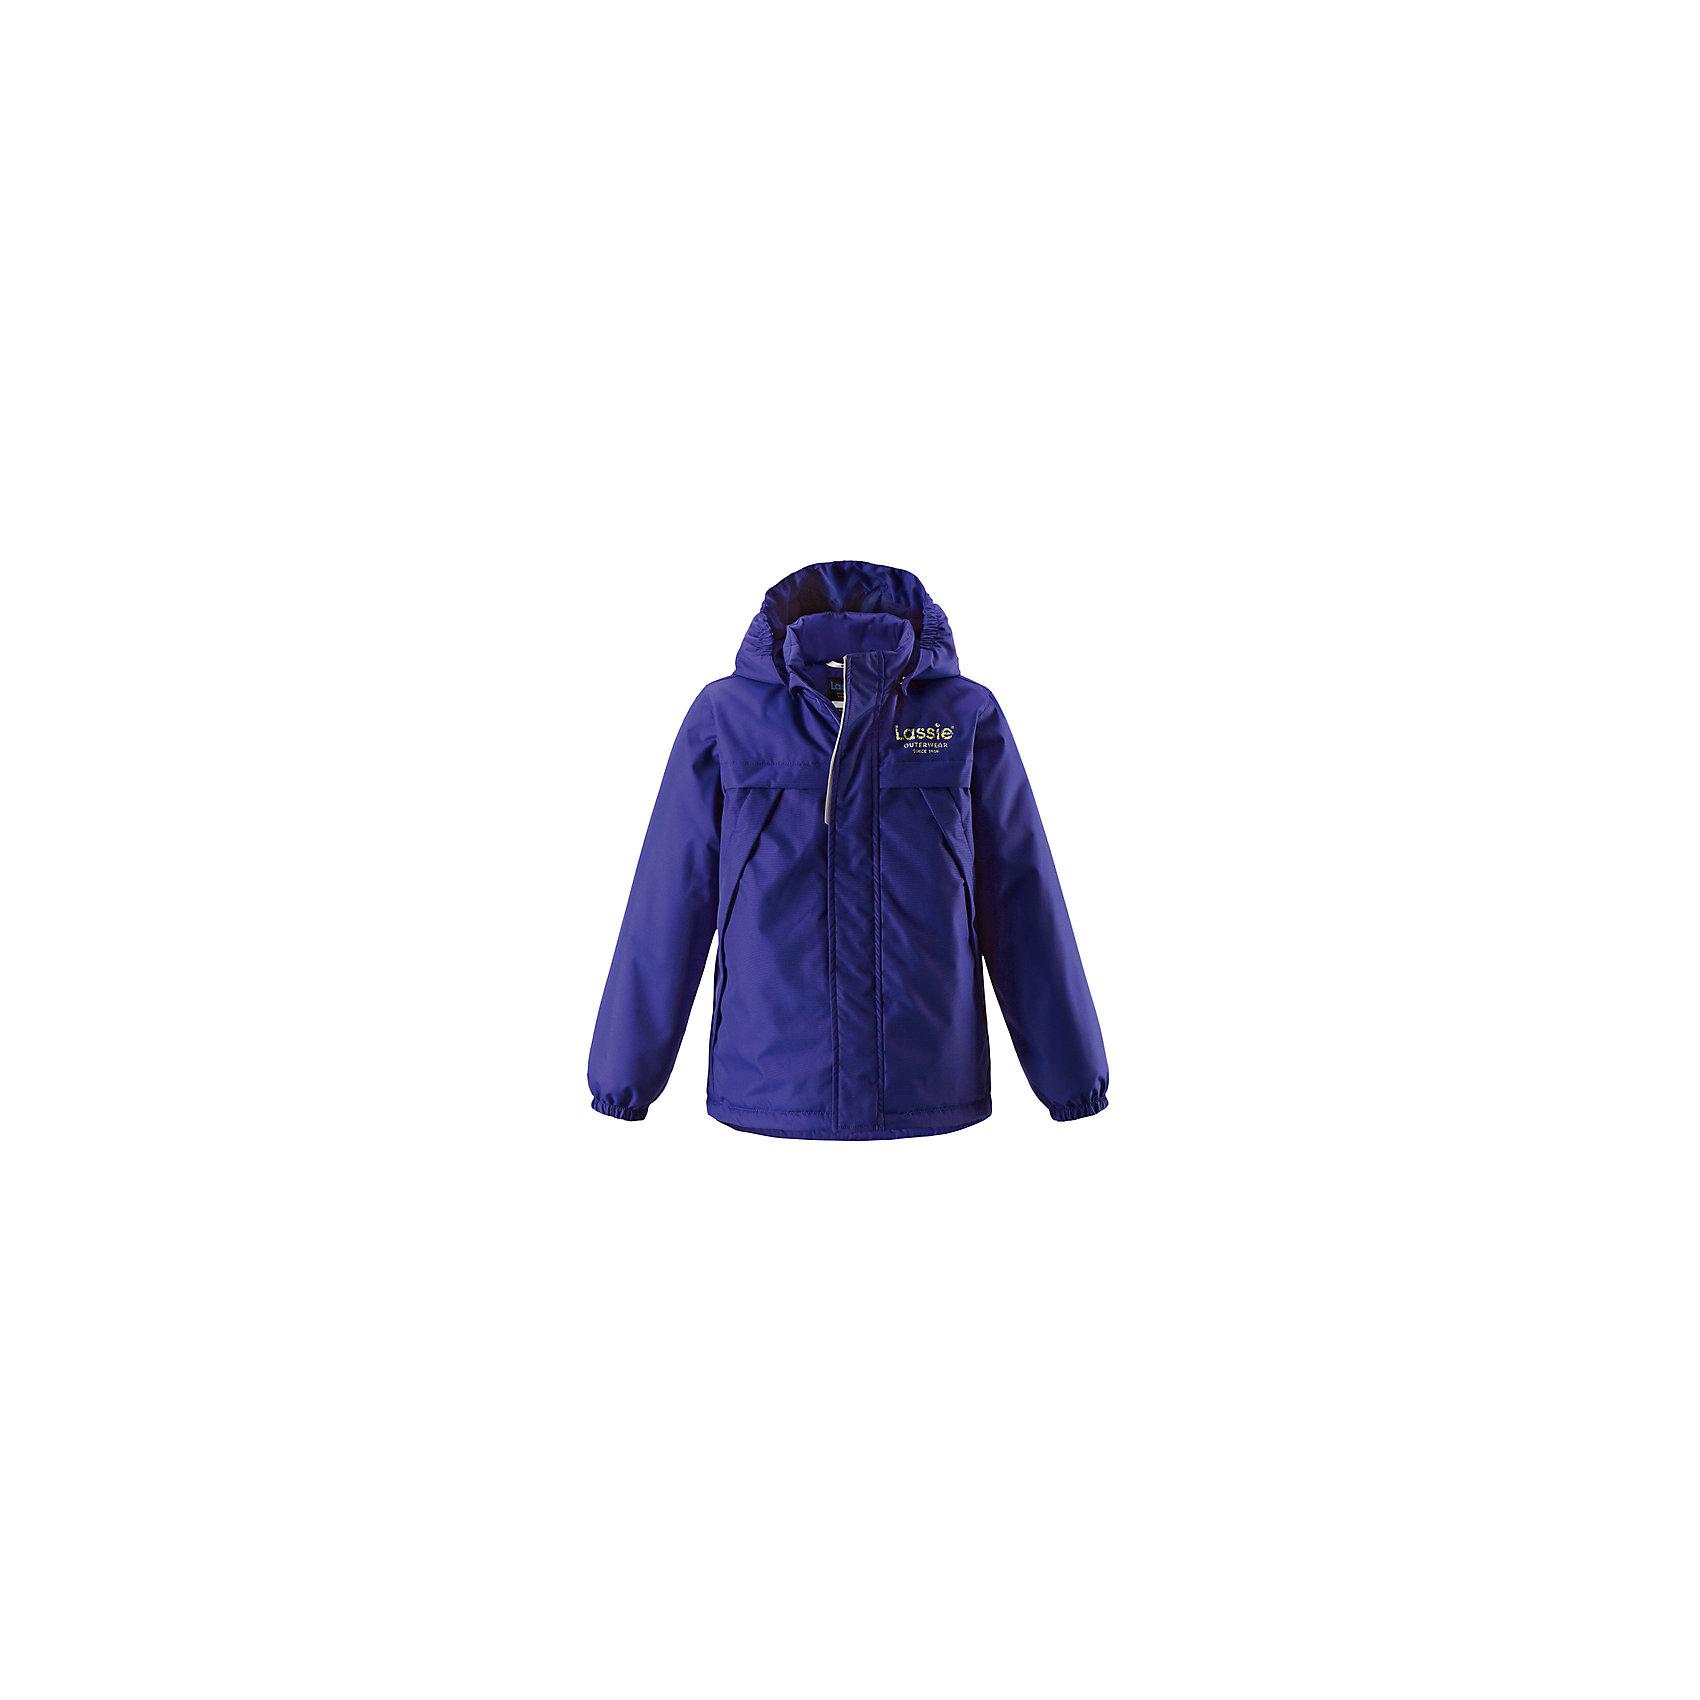 Куртка  для мальчика LASSIEОдежда<br>Куртка  для мальчика LASSIE<br>Состав:<br>100% Полиэстер, полиуретановое покрытие<br> Куртка демисезонная для детей<br> Водоотталкивающий, ветронепроницаемый и «дышащий» материал<br> Гладкая подкладка из полиэстра<br> Легкая степень утепления<br> Безопасный, съемный капюшон<br> Эластичные манжеты<br> Регулируемый подол<br> Передние карманы<br><br>Ширина мм: 356<br>Глубина мм: 10<br>Высота мм: 245<br>Вес г: 519<br>Цвет: синий<br>Возраст от месяцев: 18<br>Возраст до месяцев: 24<br>Пол: Мужской<br>Возраст: Детский<br>Размер: 92,128,140,134,122,116,110,104,98<br>SKU: 5265070